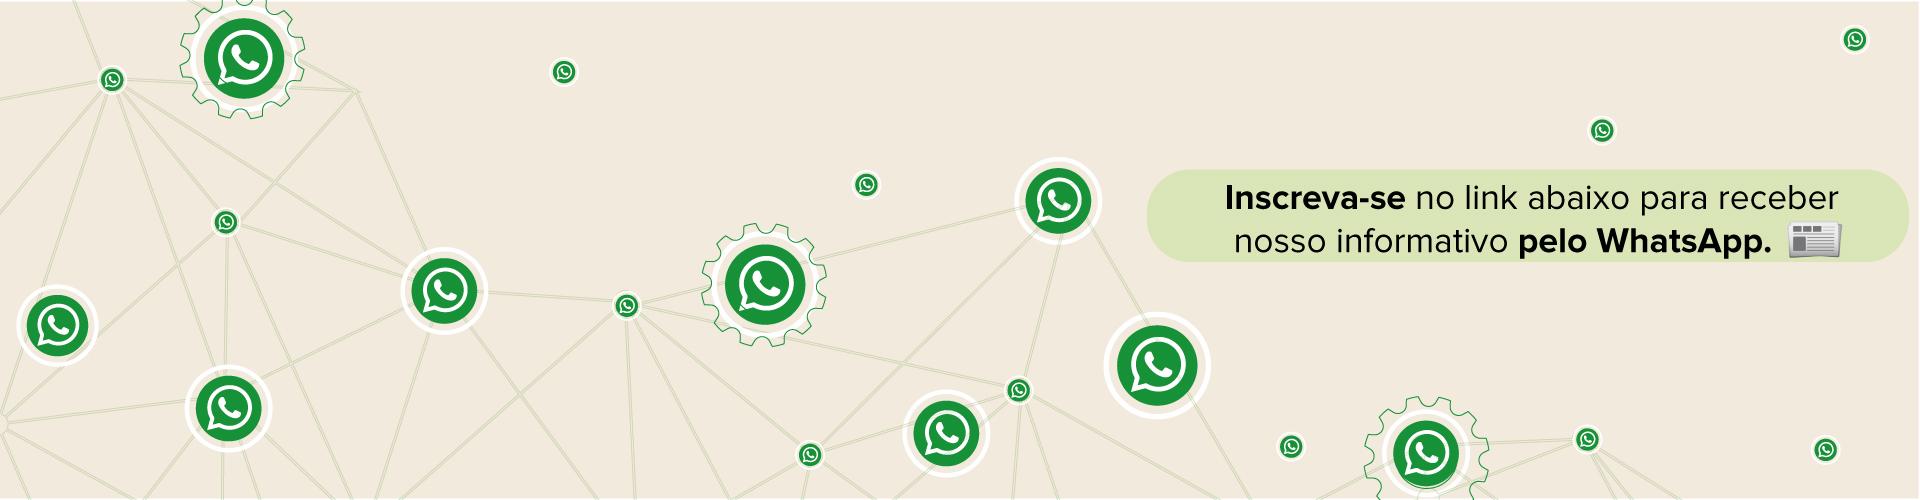 Inscreva-se no Informativo do Crea-PR no WhatsApp